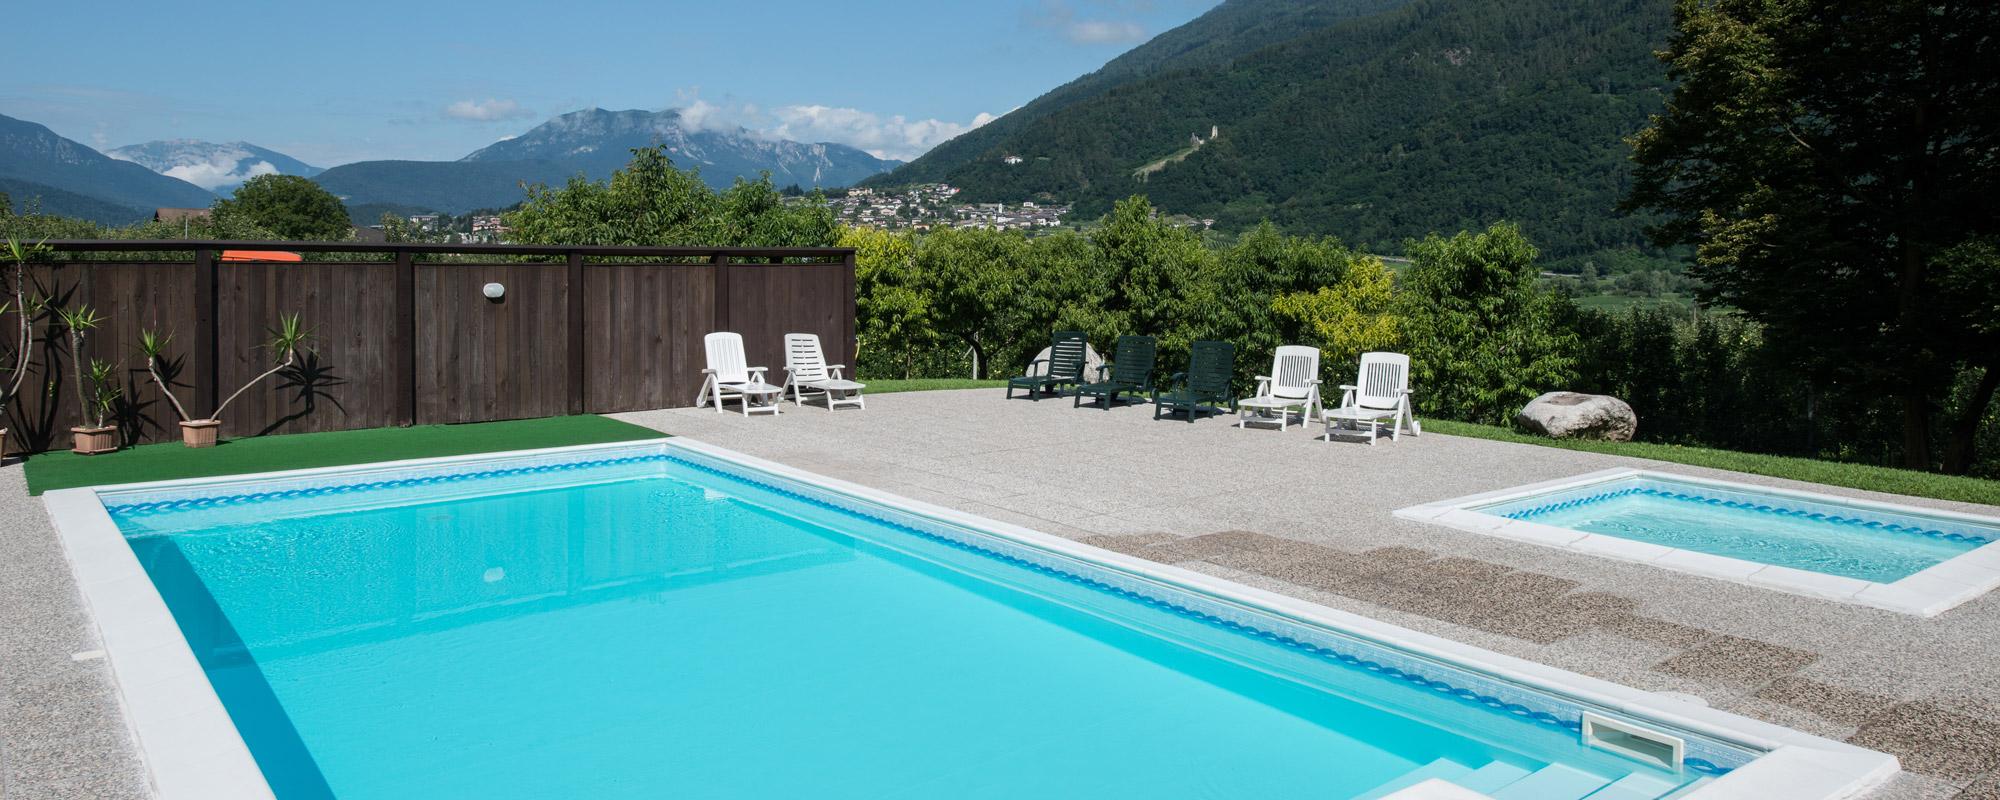 Casa Vacanze Per Famiglie A Barco Di Levico In Trentino